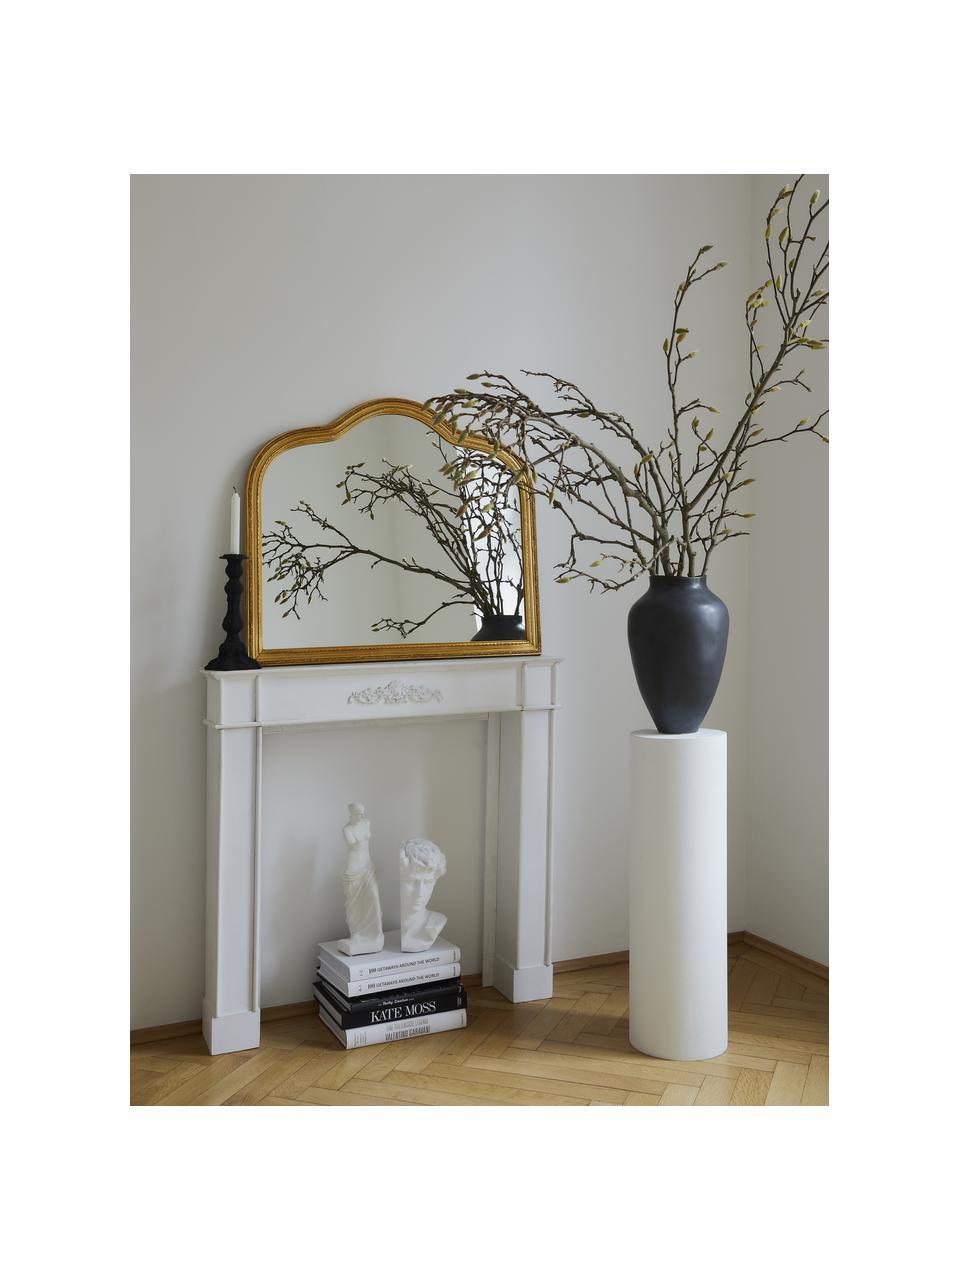 Barock-Wandspiegel Muriel mit goldenem Holzrahmen, Rahmen: Massivholz beschichtet, Rückseite: Mitteldichte Holzfaserpla, Spiegelfläche: Spiegelglas, Goldfarben, 90 x 77 cm